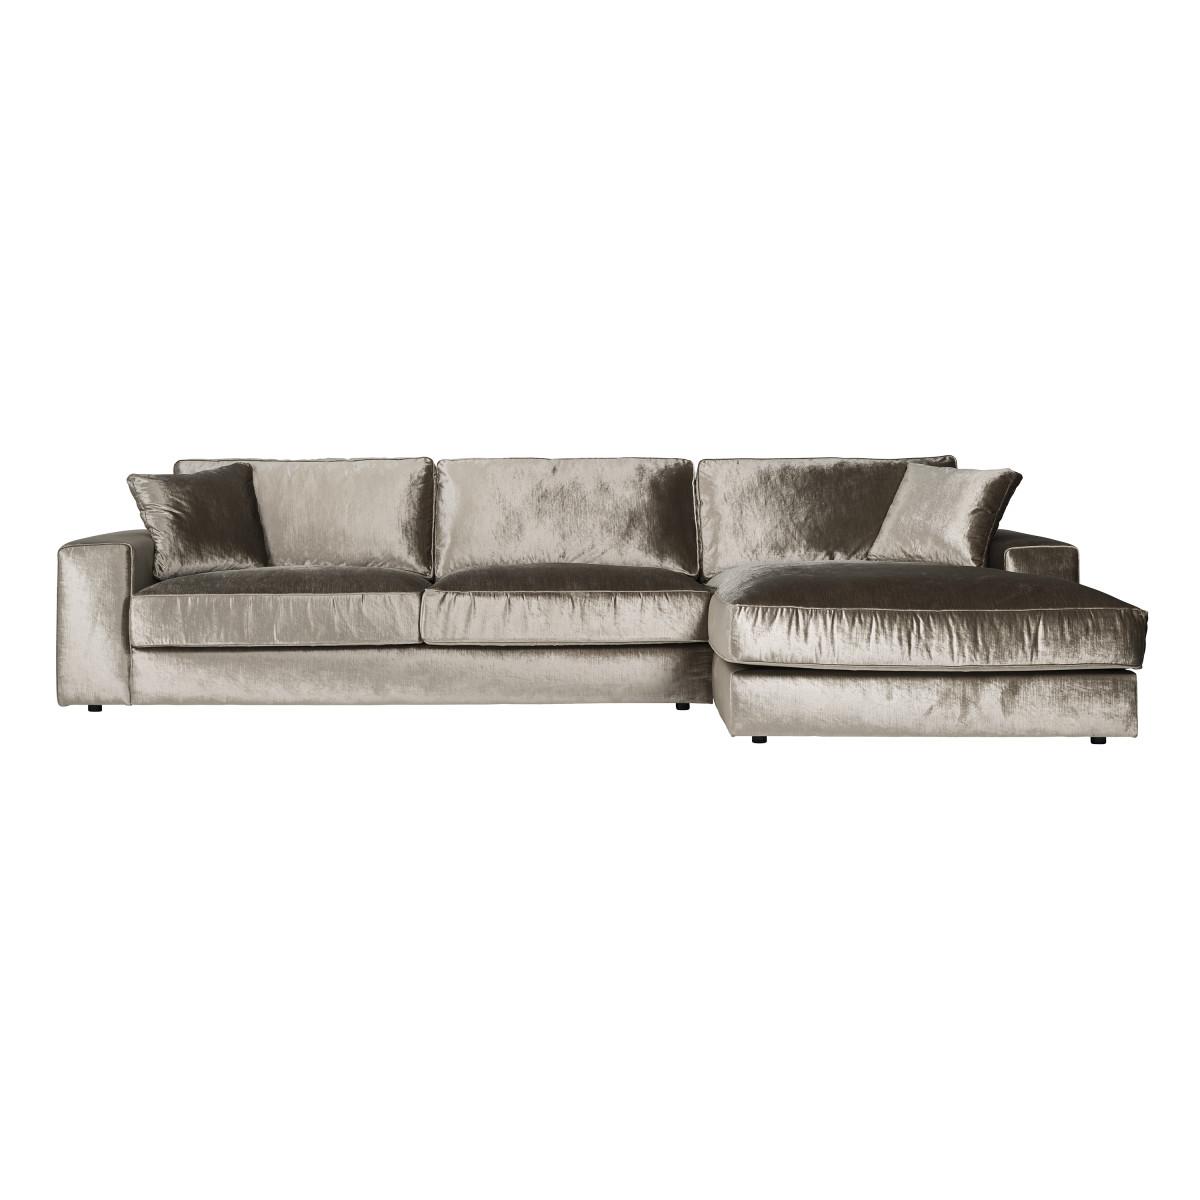 Full Size of Richmond Couch Santos Lounge 82 Vitra Sofa Weiß Grau Bett Mit Rutsche Schlaffunktion Federkern Esstisch 4 Stühlen Günstig Schillig Cognac Ligne Roset Sofa Sofa Mit Boxen